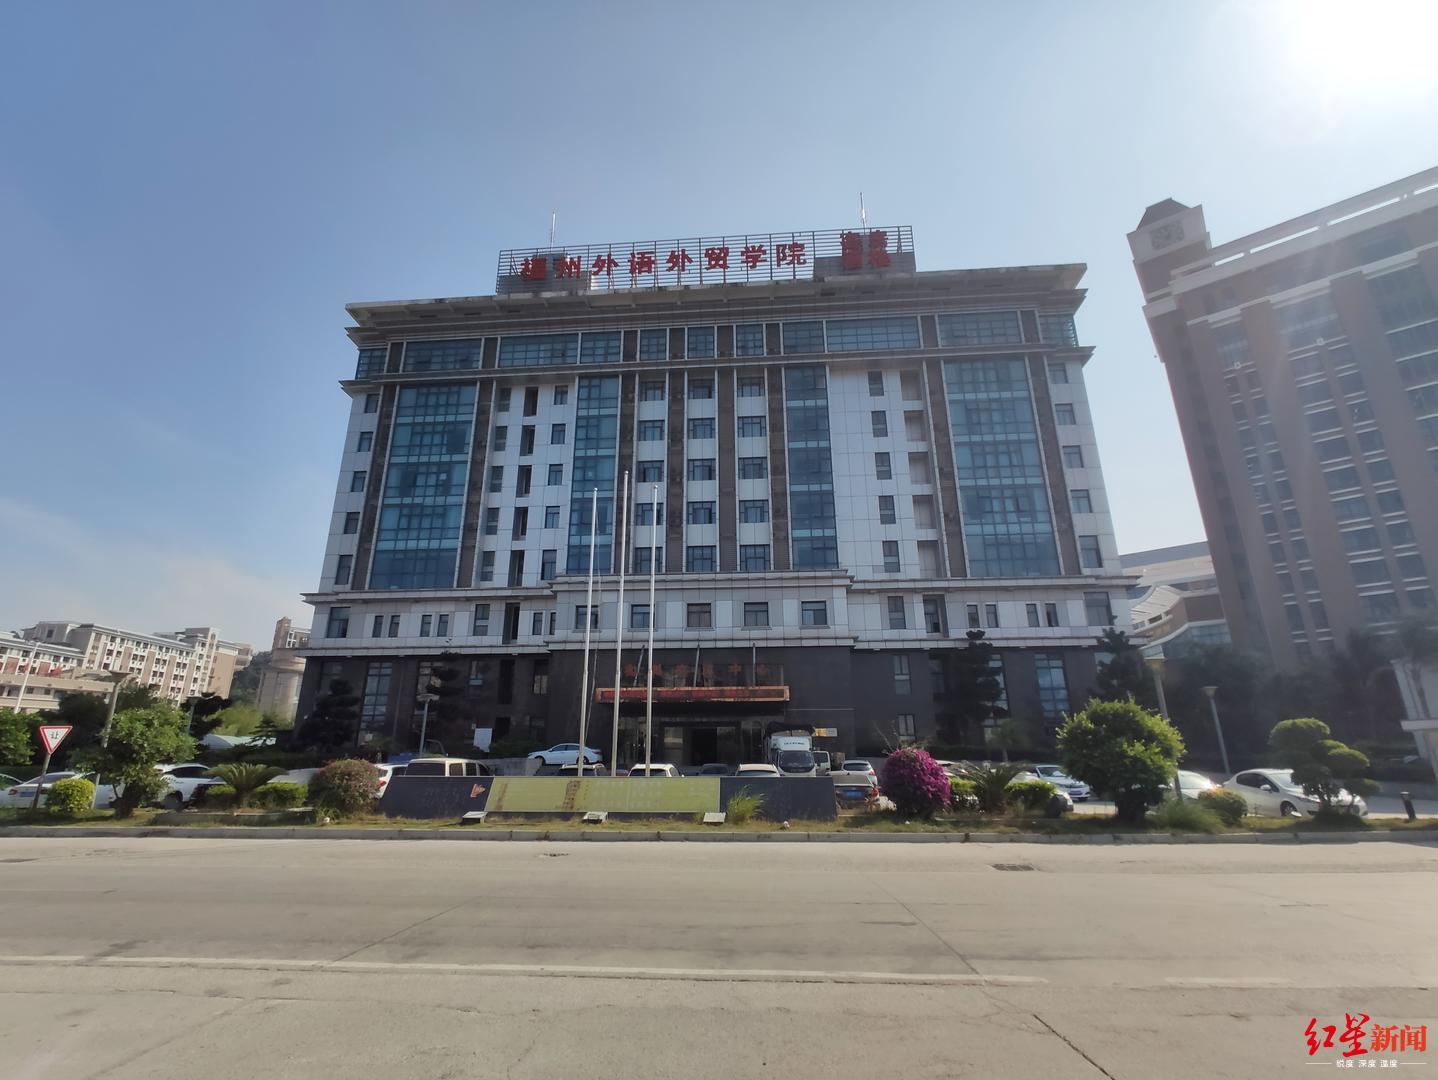 「冠军码数」31省前8月房地产投资排行榜:广东近万亿 海南负增长